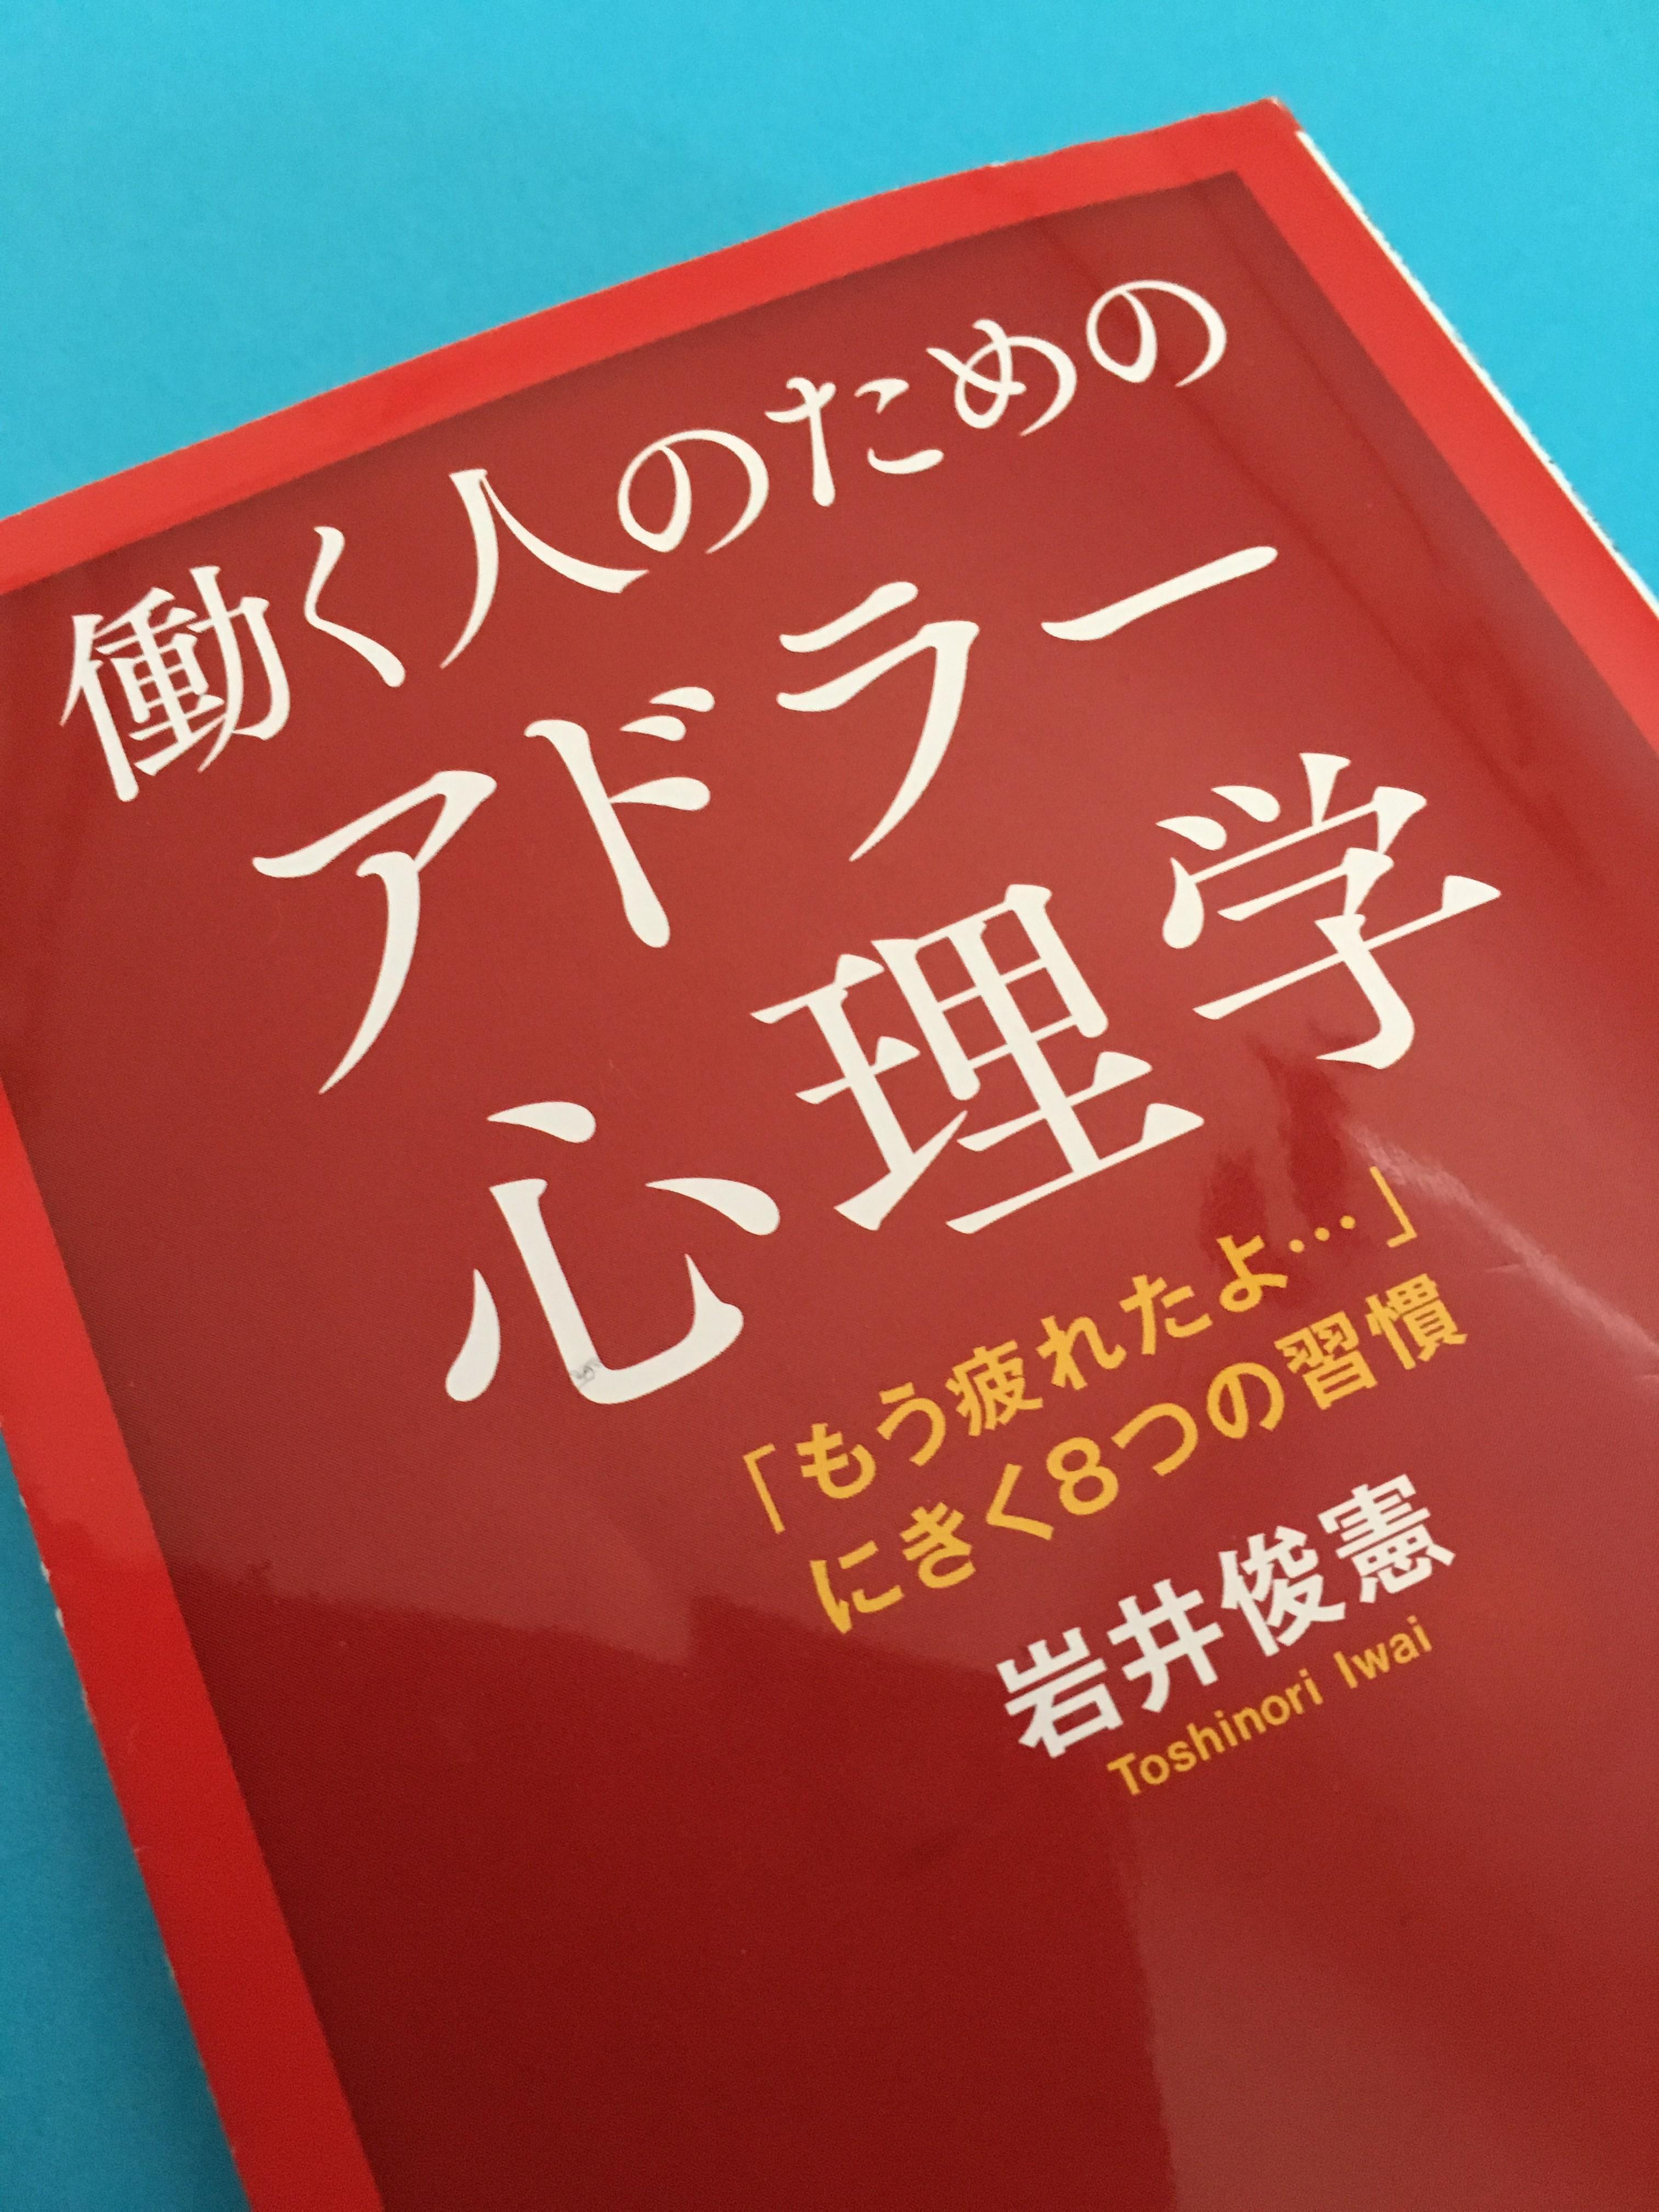 ☆オススメ本☆ 岩井俊憲先生の ~働く人のためのアドラー心理学 「もう疲れたよ・・・」にきく8つの習慣~